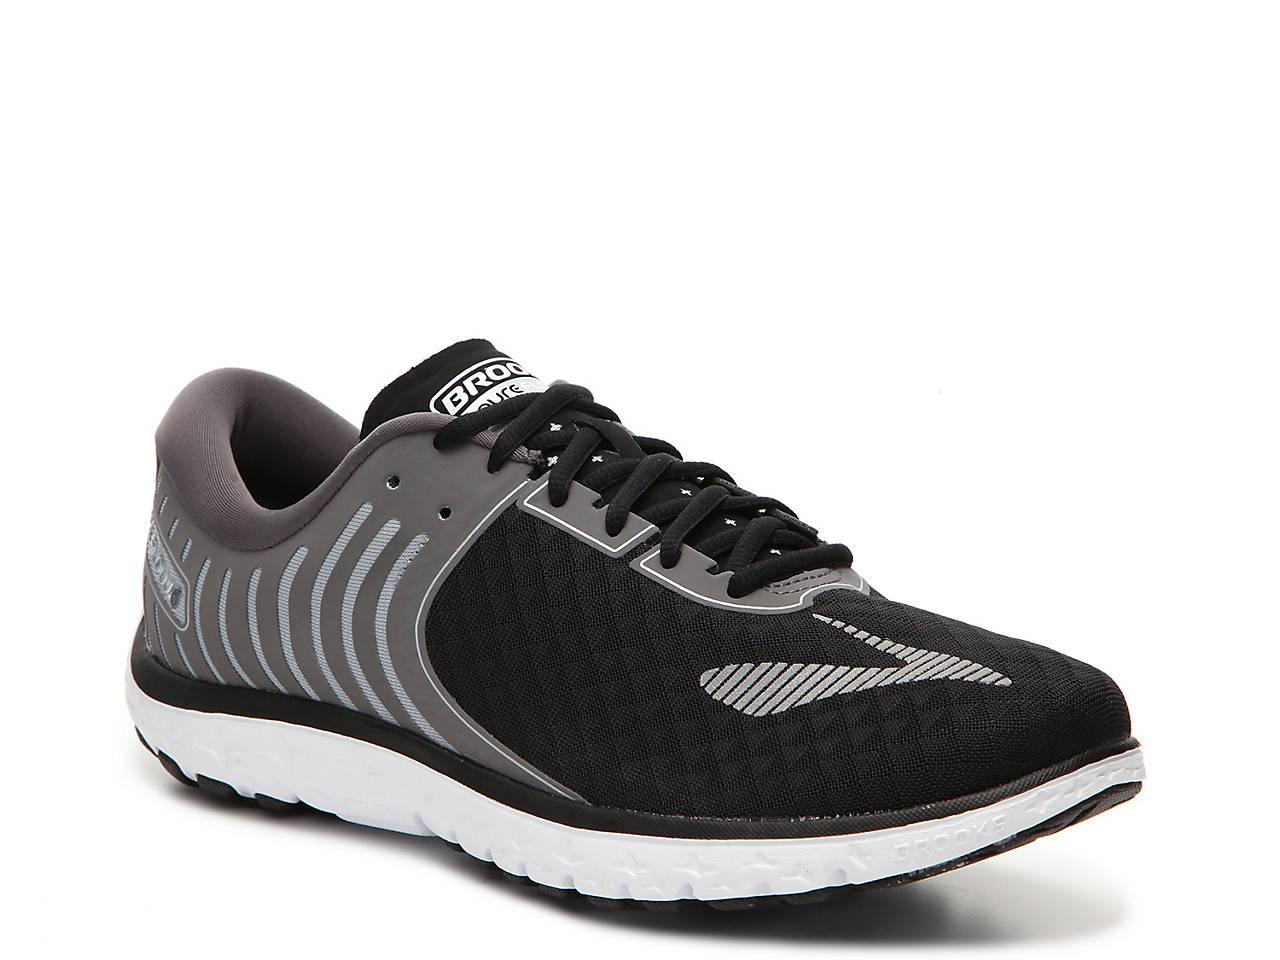 f40d86d9f38 Brooks PureFlow 6 Lightweight Running Shoe - Men s Men s Shoes